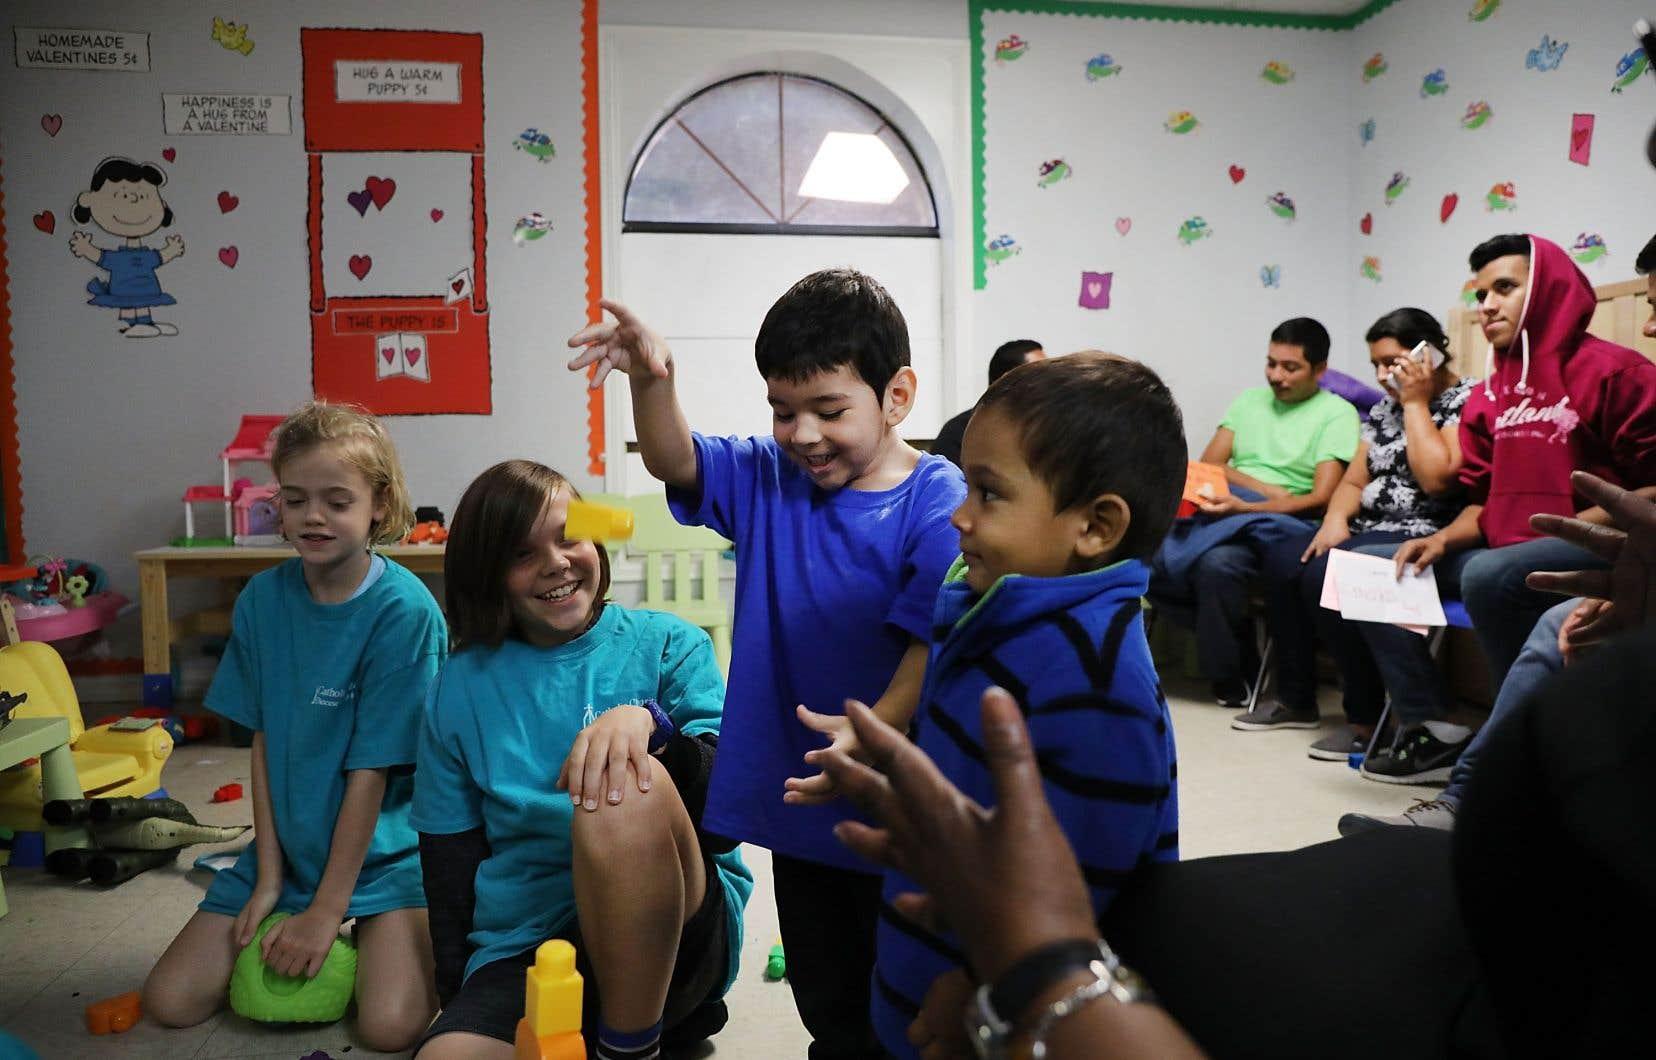 Plus de 2300 enfants ont été séparés de leurs parents migrants entre le 5 mai et le 9 juin, selon les chiffres du gouvernement fédéral américain.